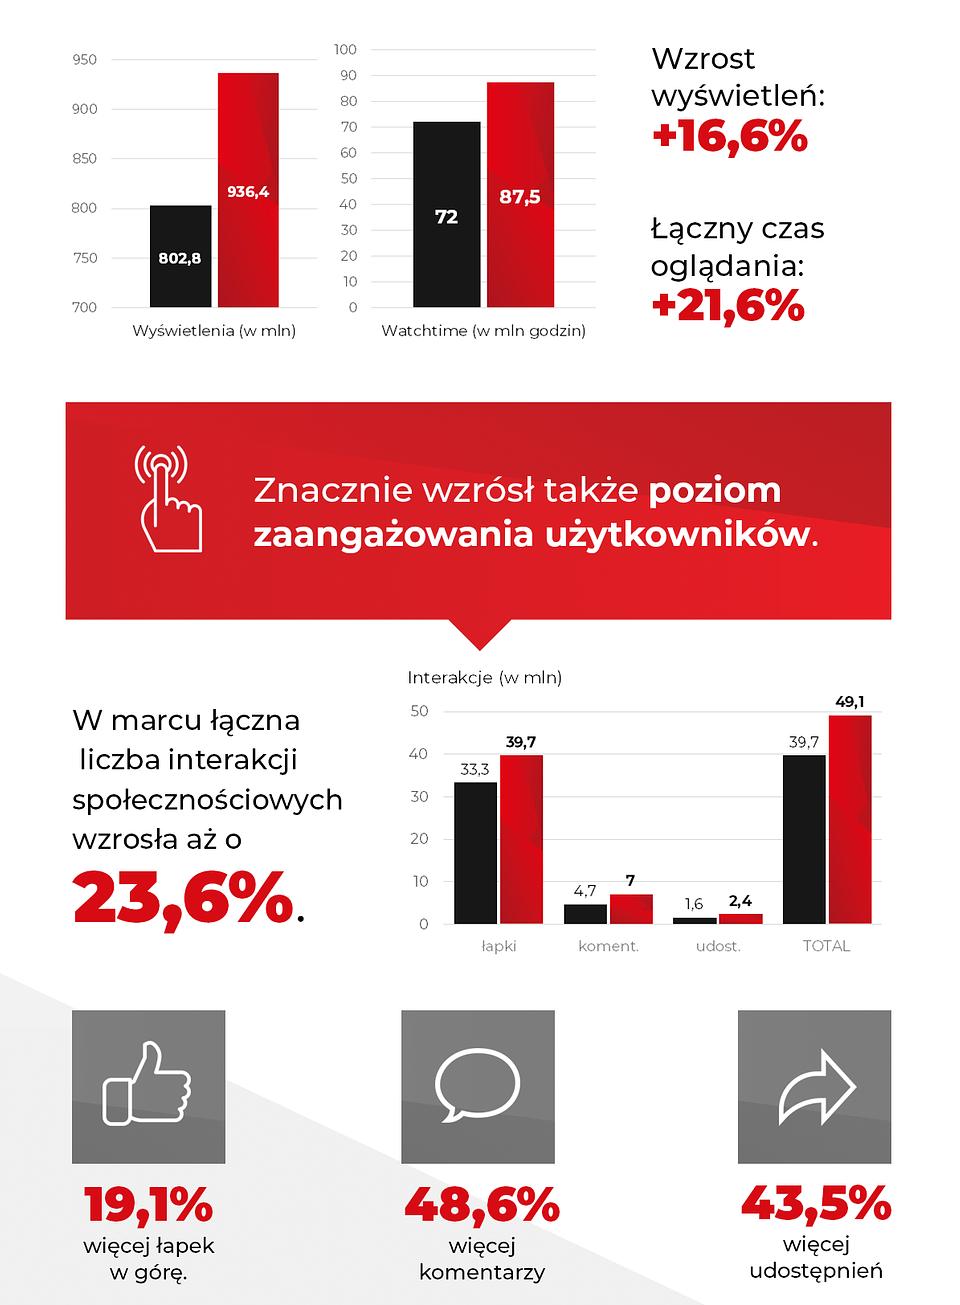 Wzrost oglądalności i interaktywności youtuberów w czasie pandemii (marzec vs luty 2020, 850 kanałów YouTube z grupy LTTM).